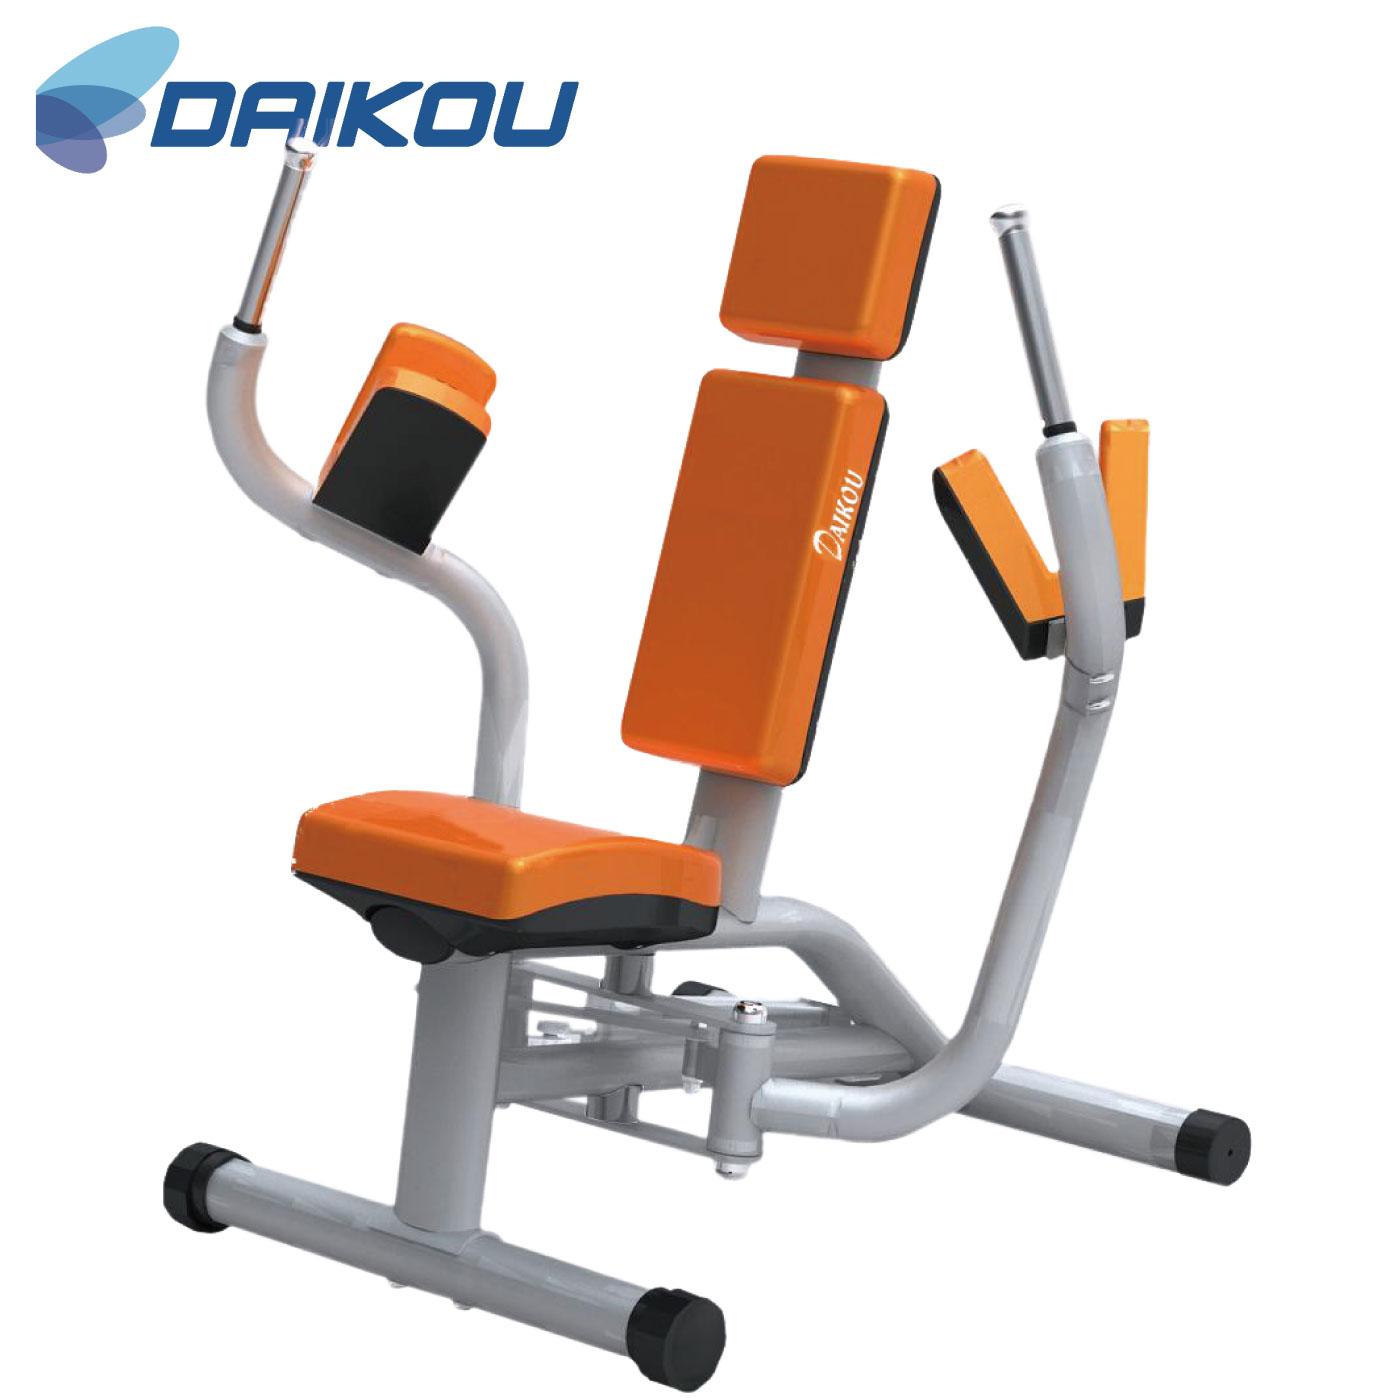 準業務用の油圧マシン「DK-1203」